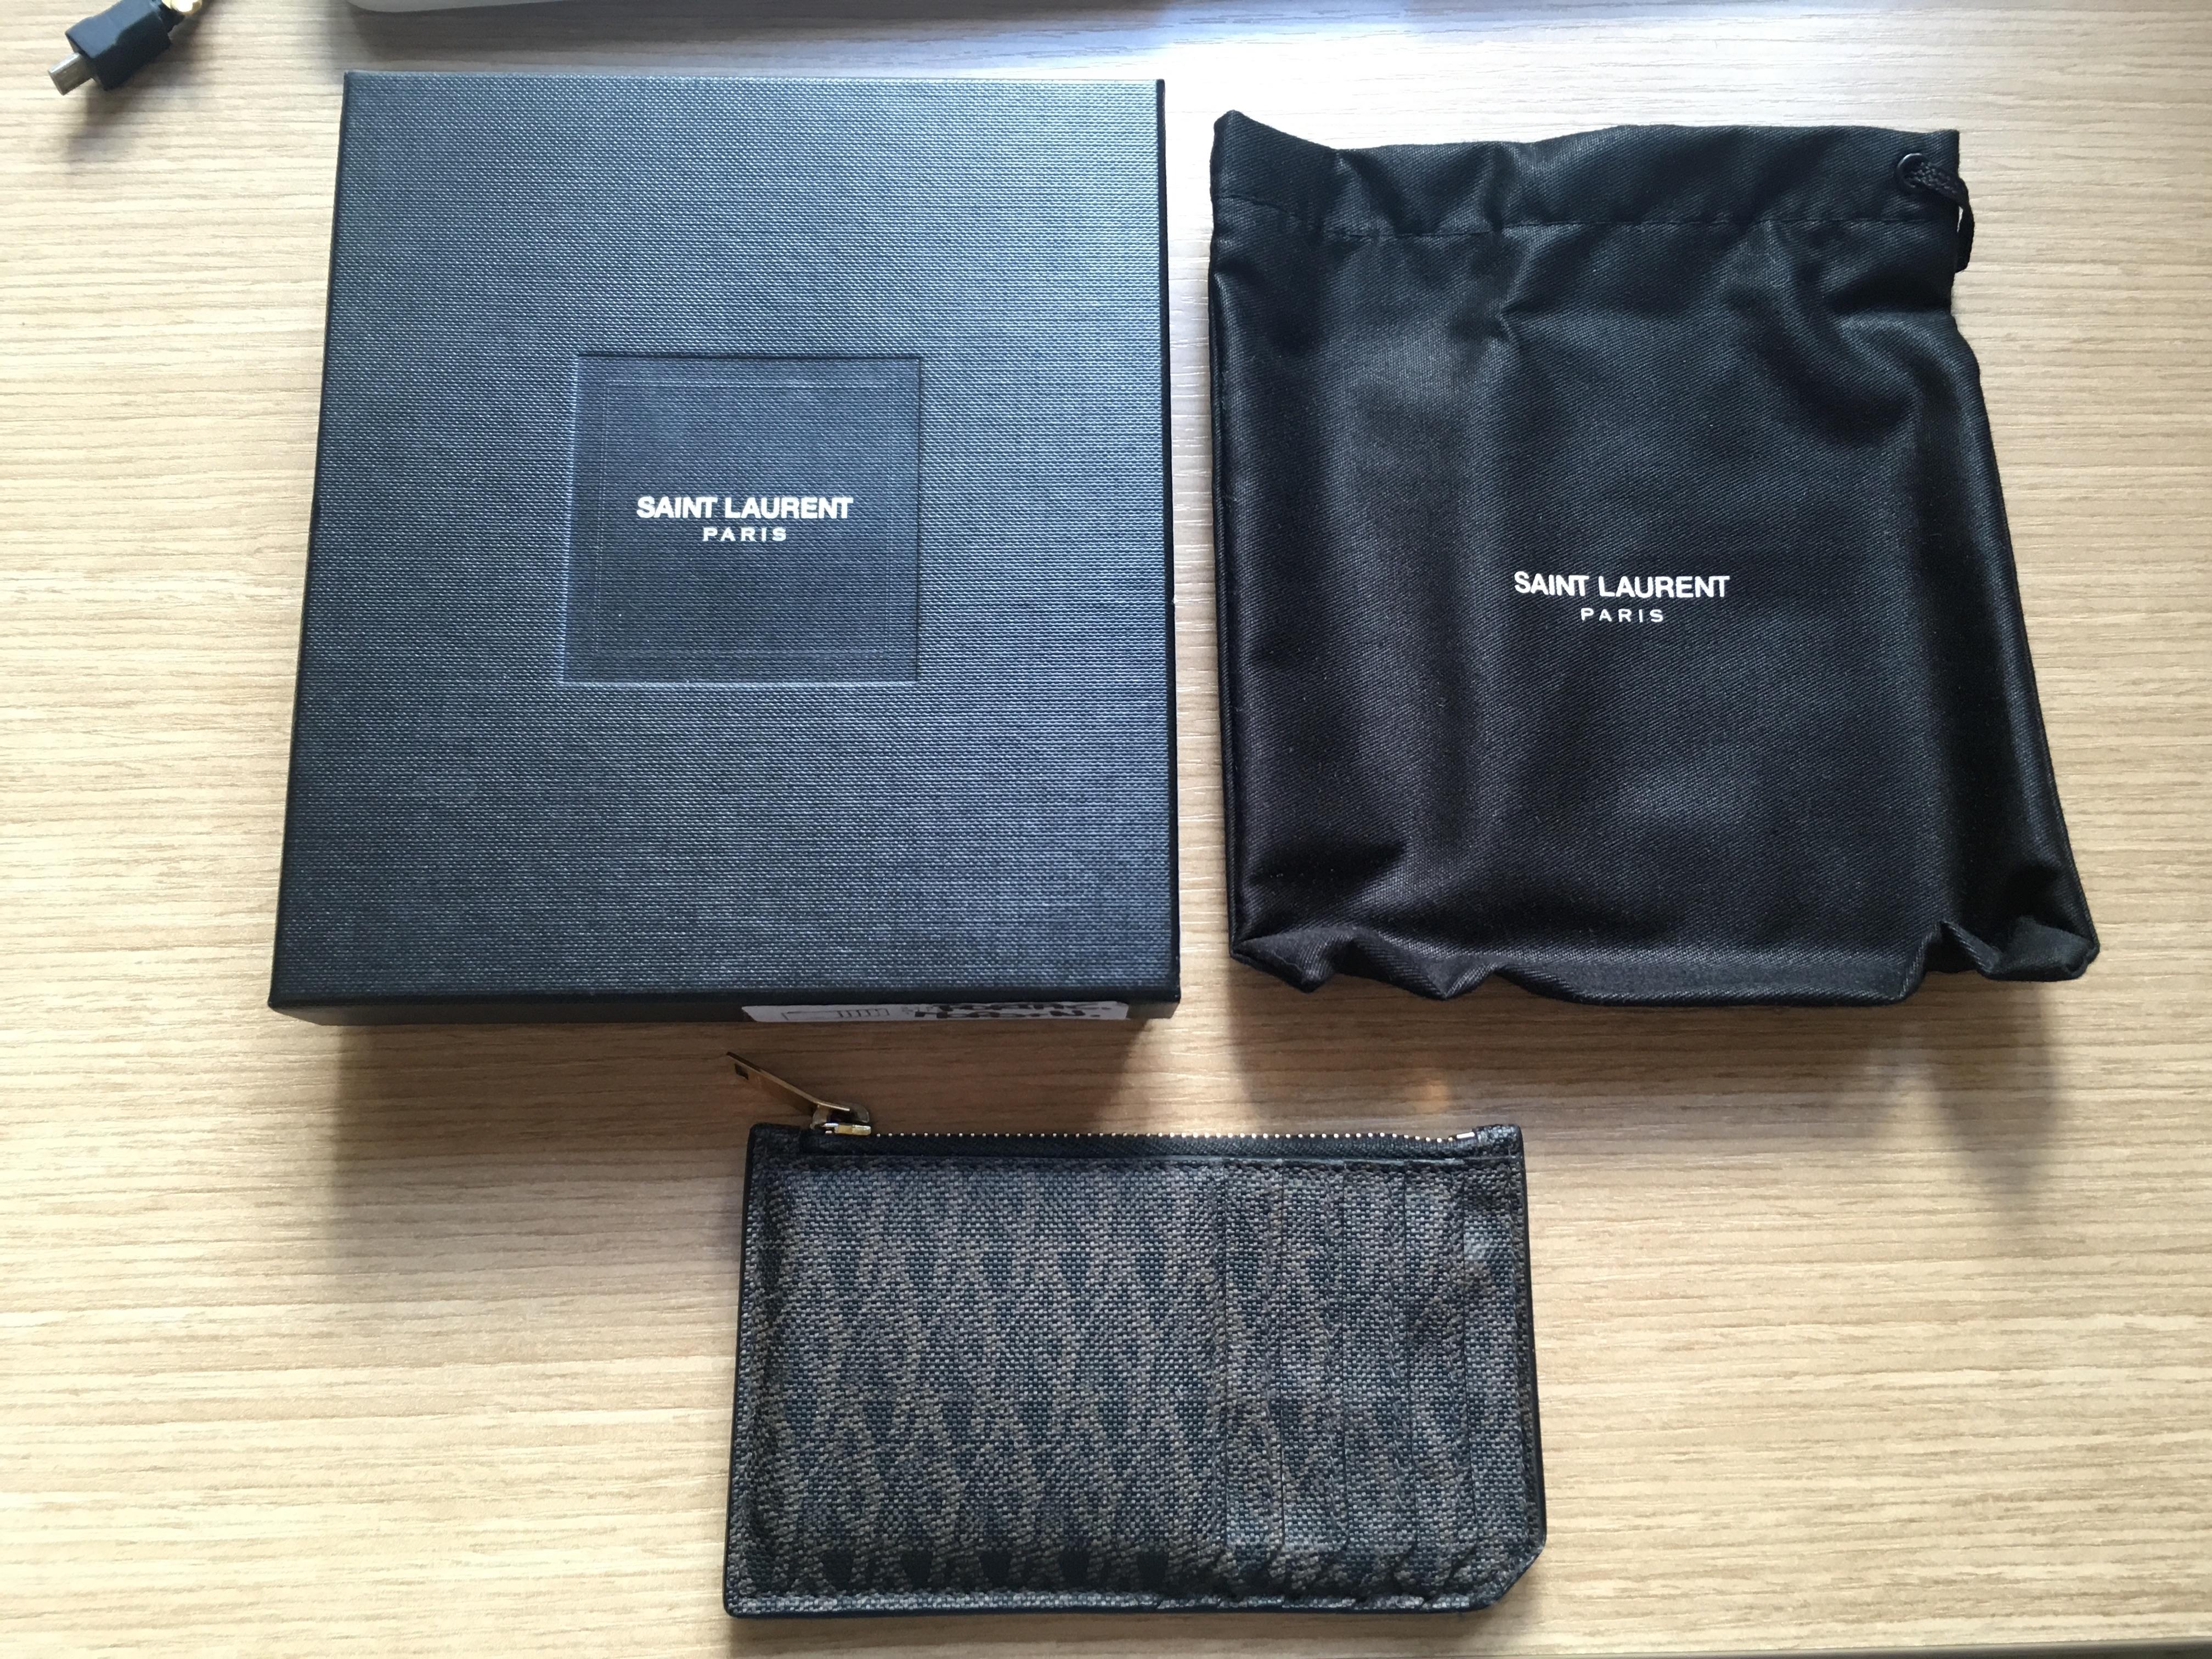 e8508cdff48 Saint Laurent Paris 'paris 5 Fragments' Zip Pouch/ Card Holder | Grailed